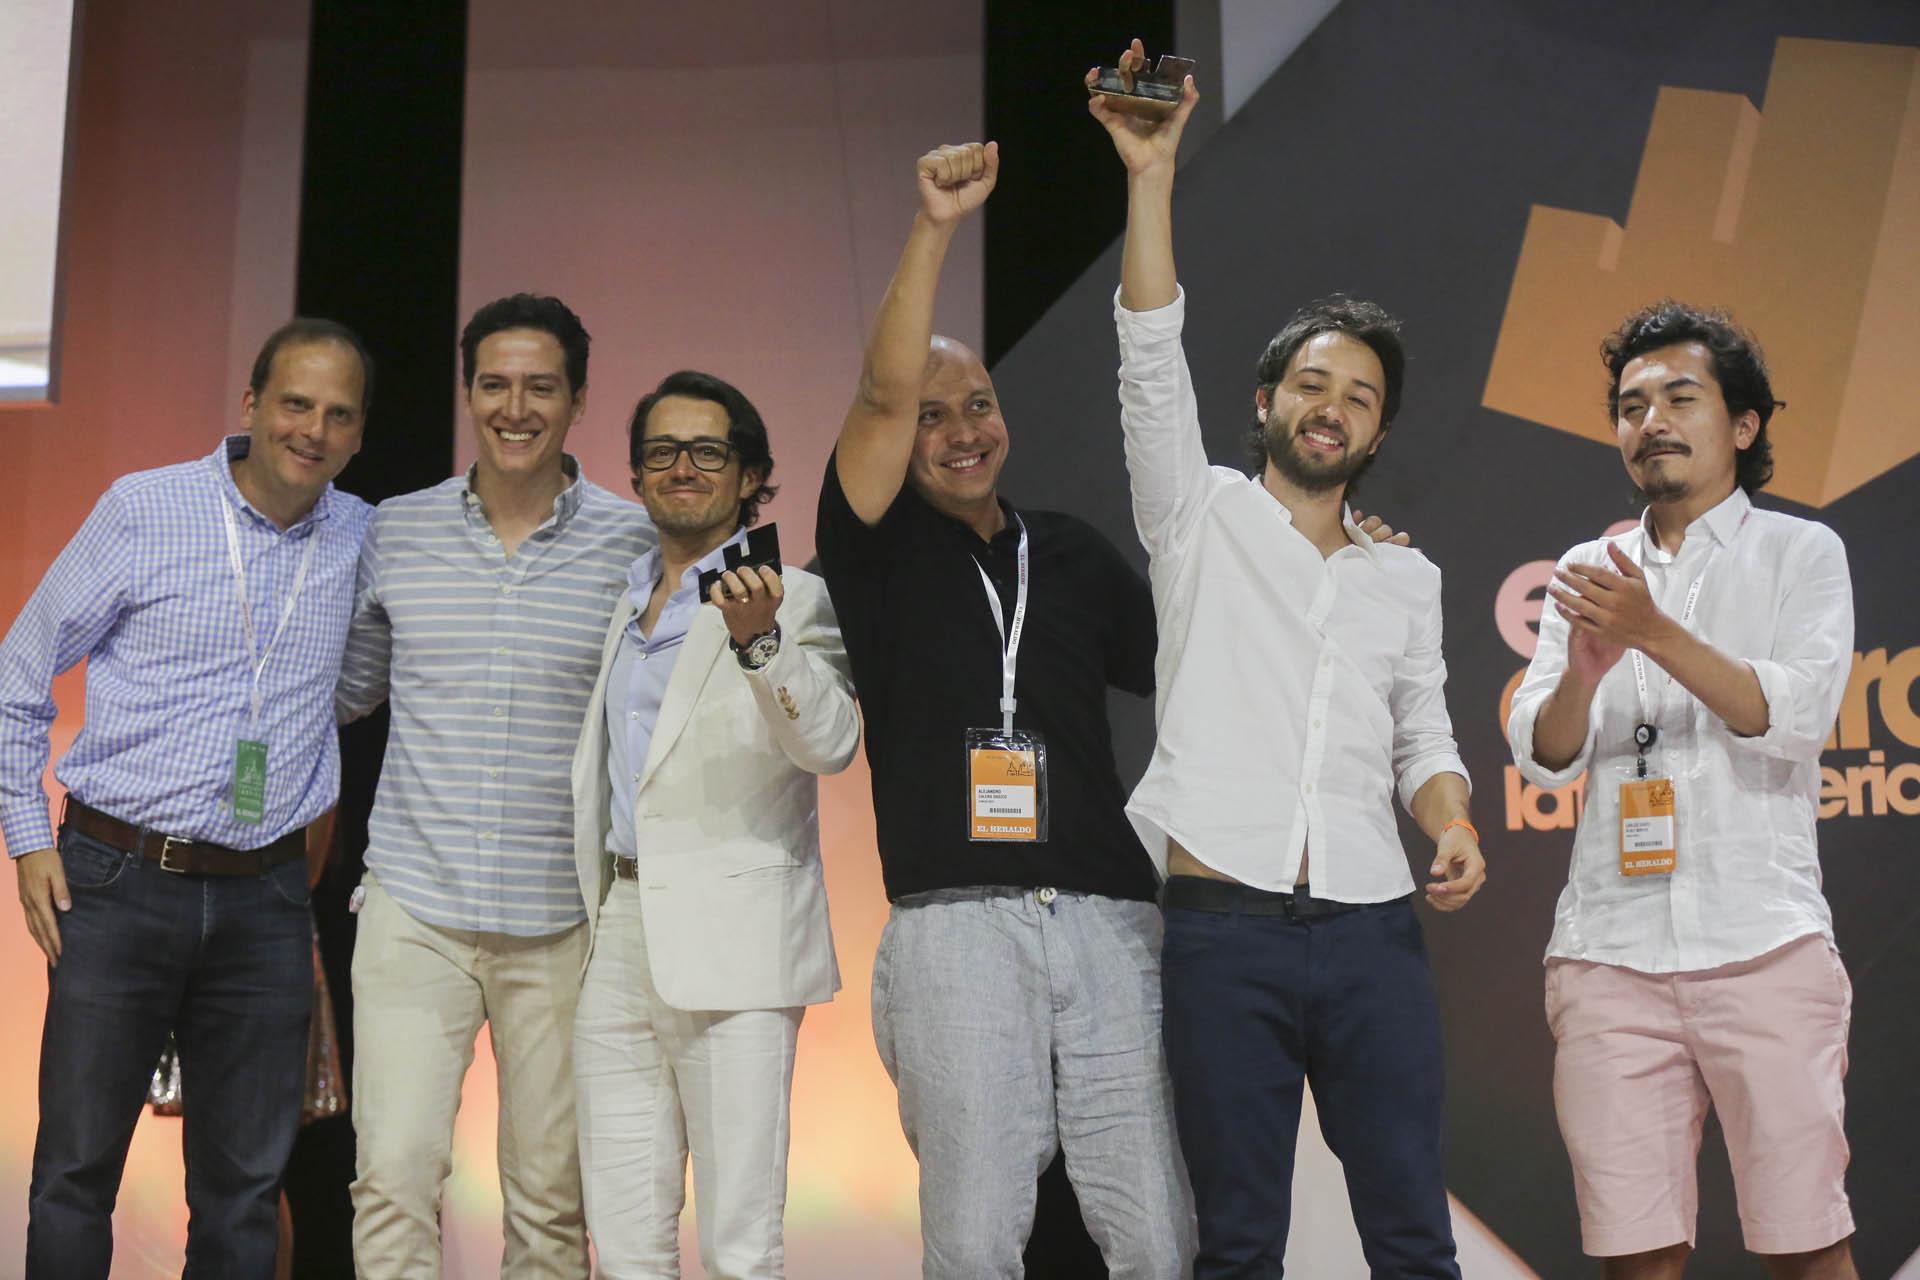 Los ganadores del Effie de Oro en la Categoría Gobierno: Colombia Respira Paz, de Sancho BBDO/OMD para Organización de las Naciones Unidas, entregado por Ricardo Arias Nath, VP de Mercadeo y CMO para Pepsico Latam